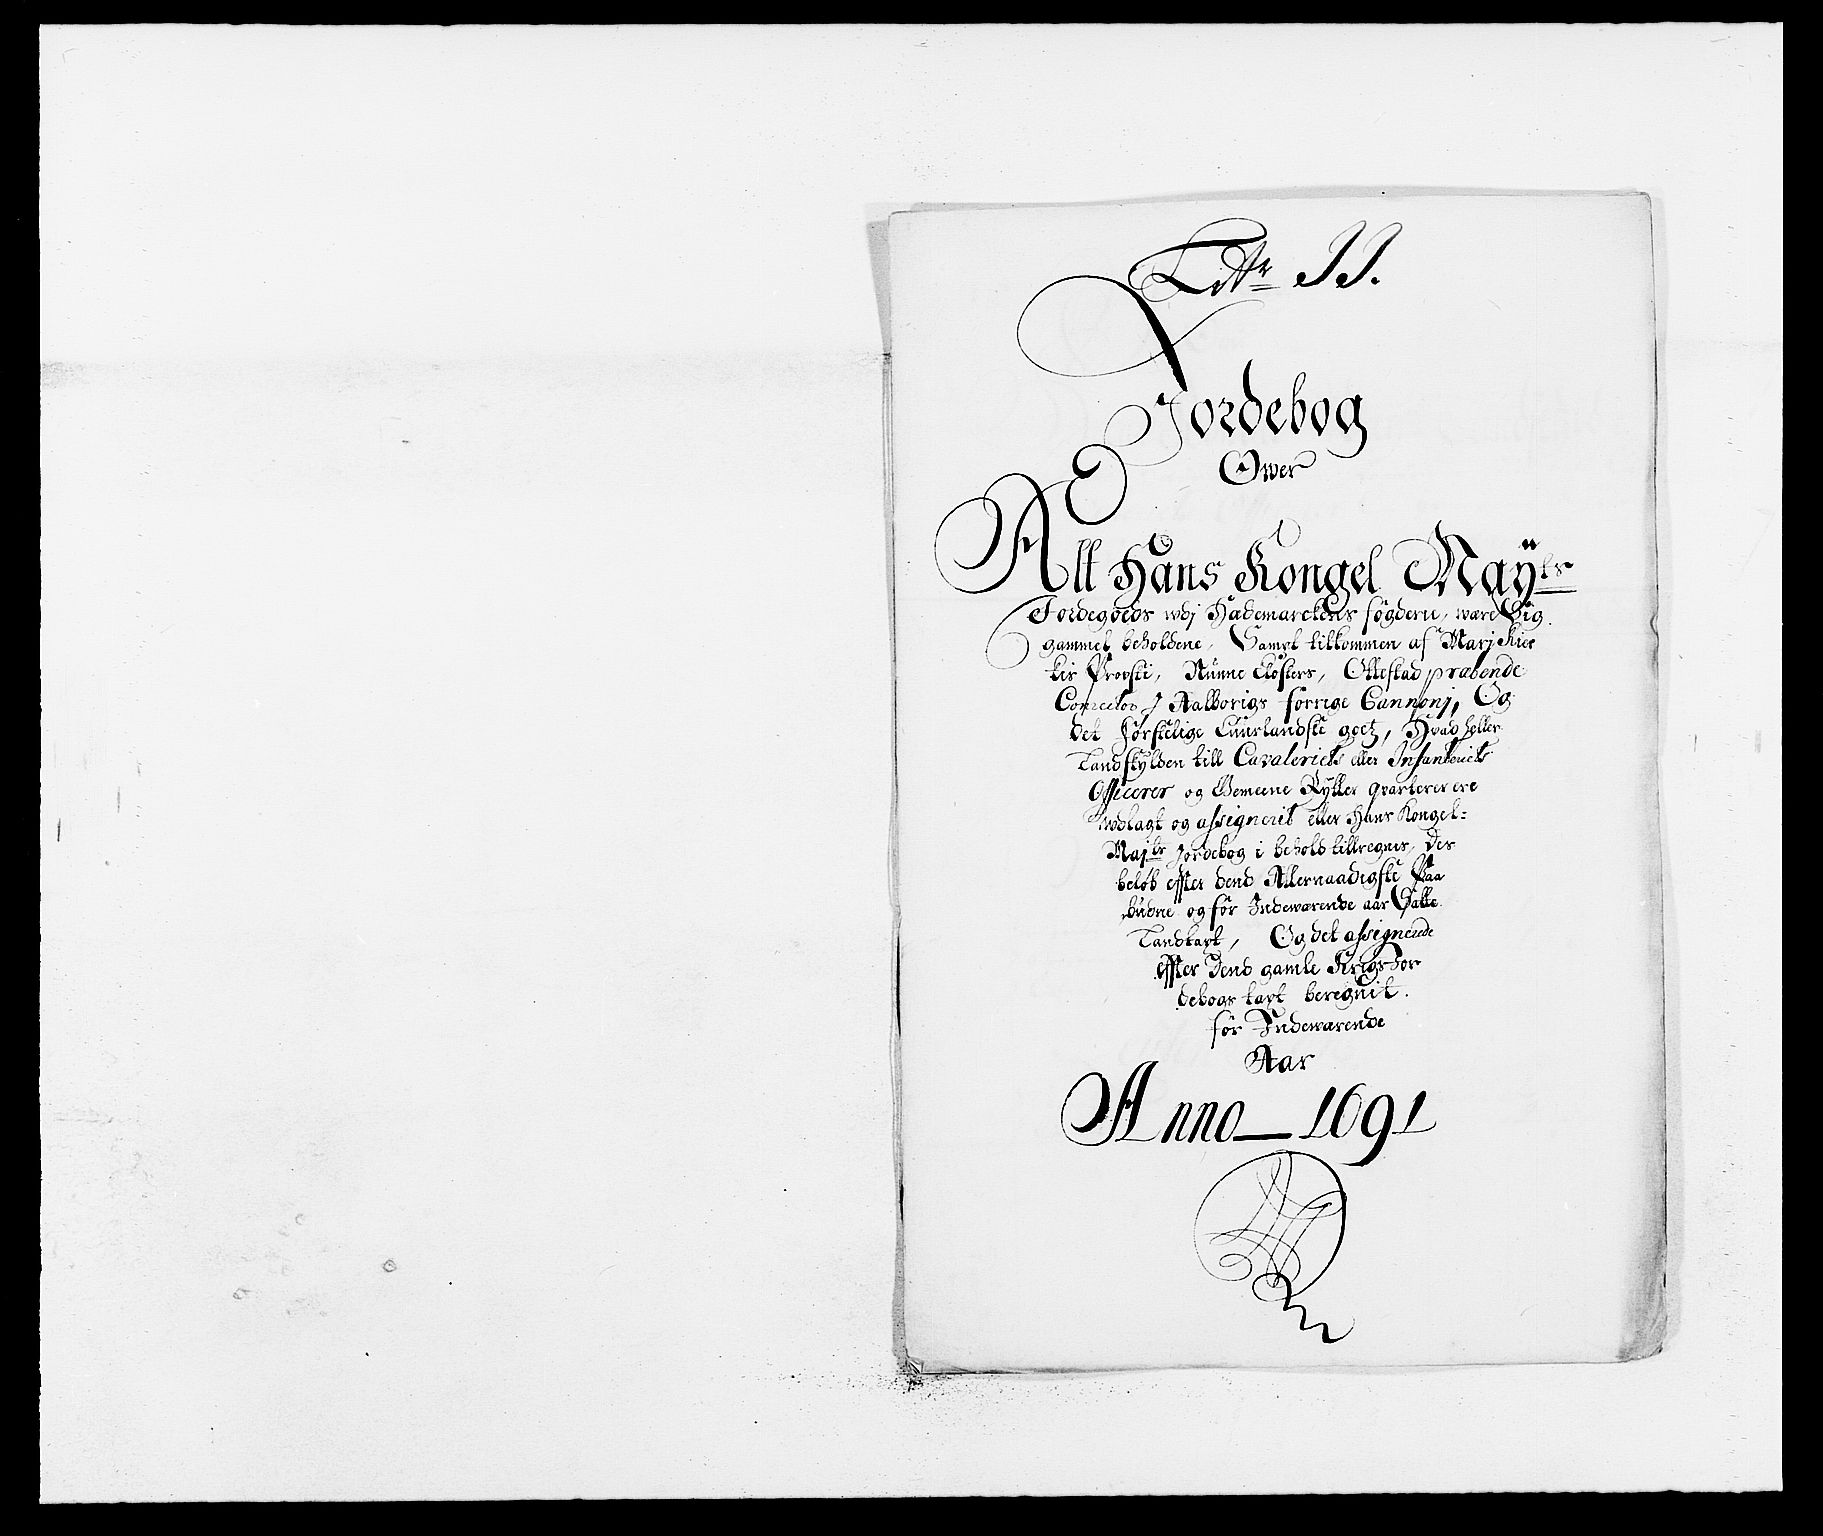 RA, Rentekammeret inntil 1814, Reviderte regnskaper, Fogderegnskap, R16/L1030: Fogderegnskap Hedmark, 1689-1691, s. 329